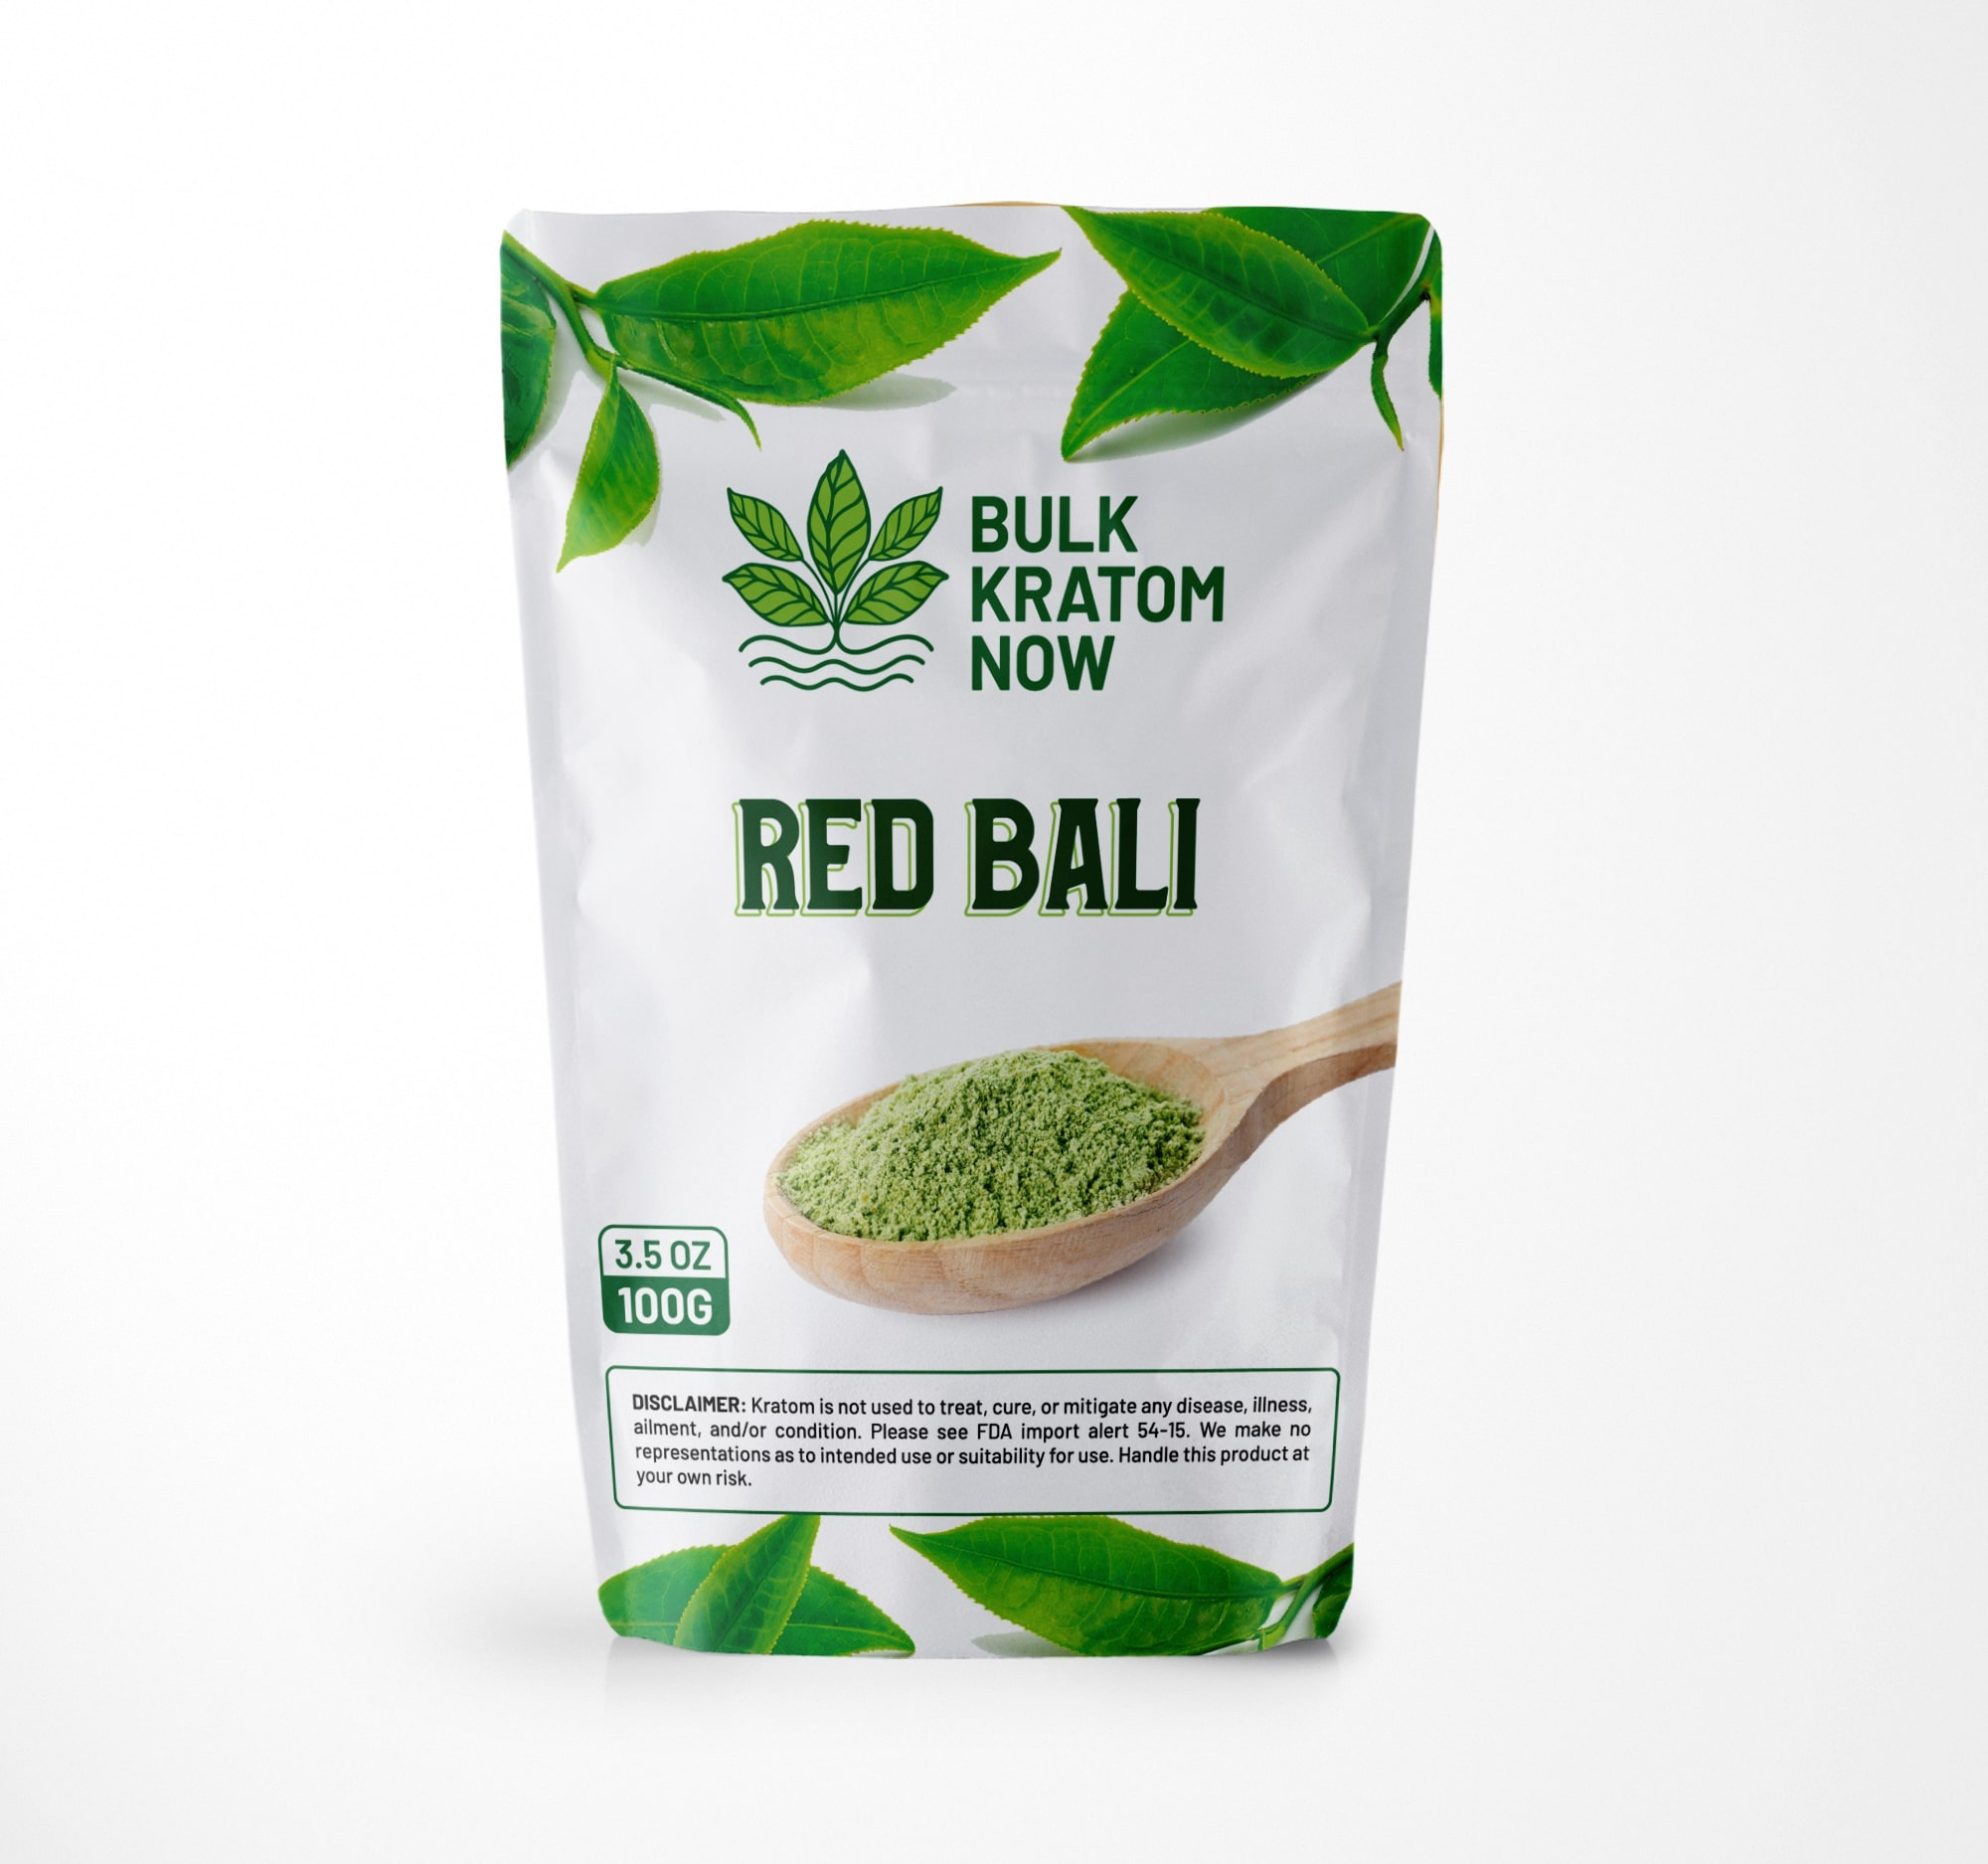 Red Bali Bulk Kratom